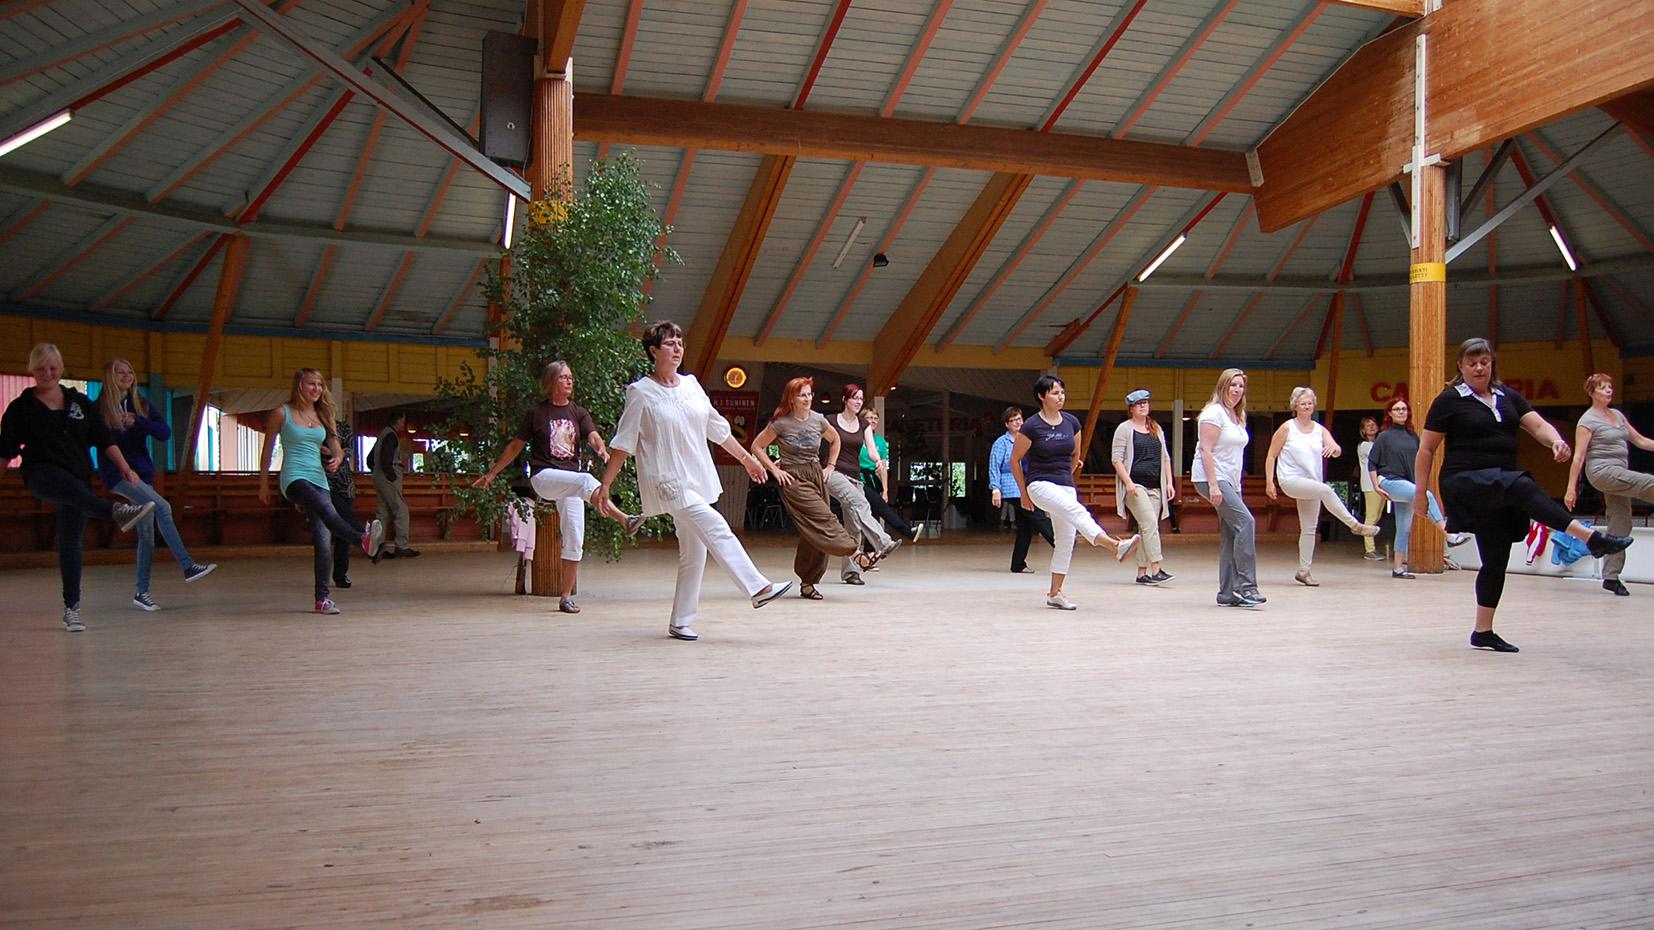 Tanssilavalla tanssioita tanssimassa rivitanssia.